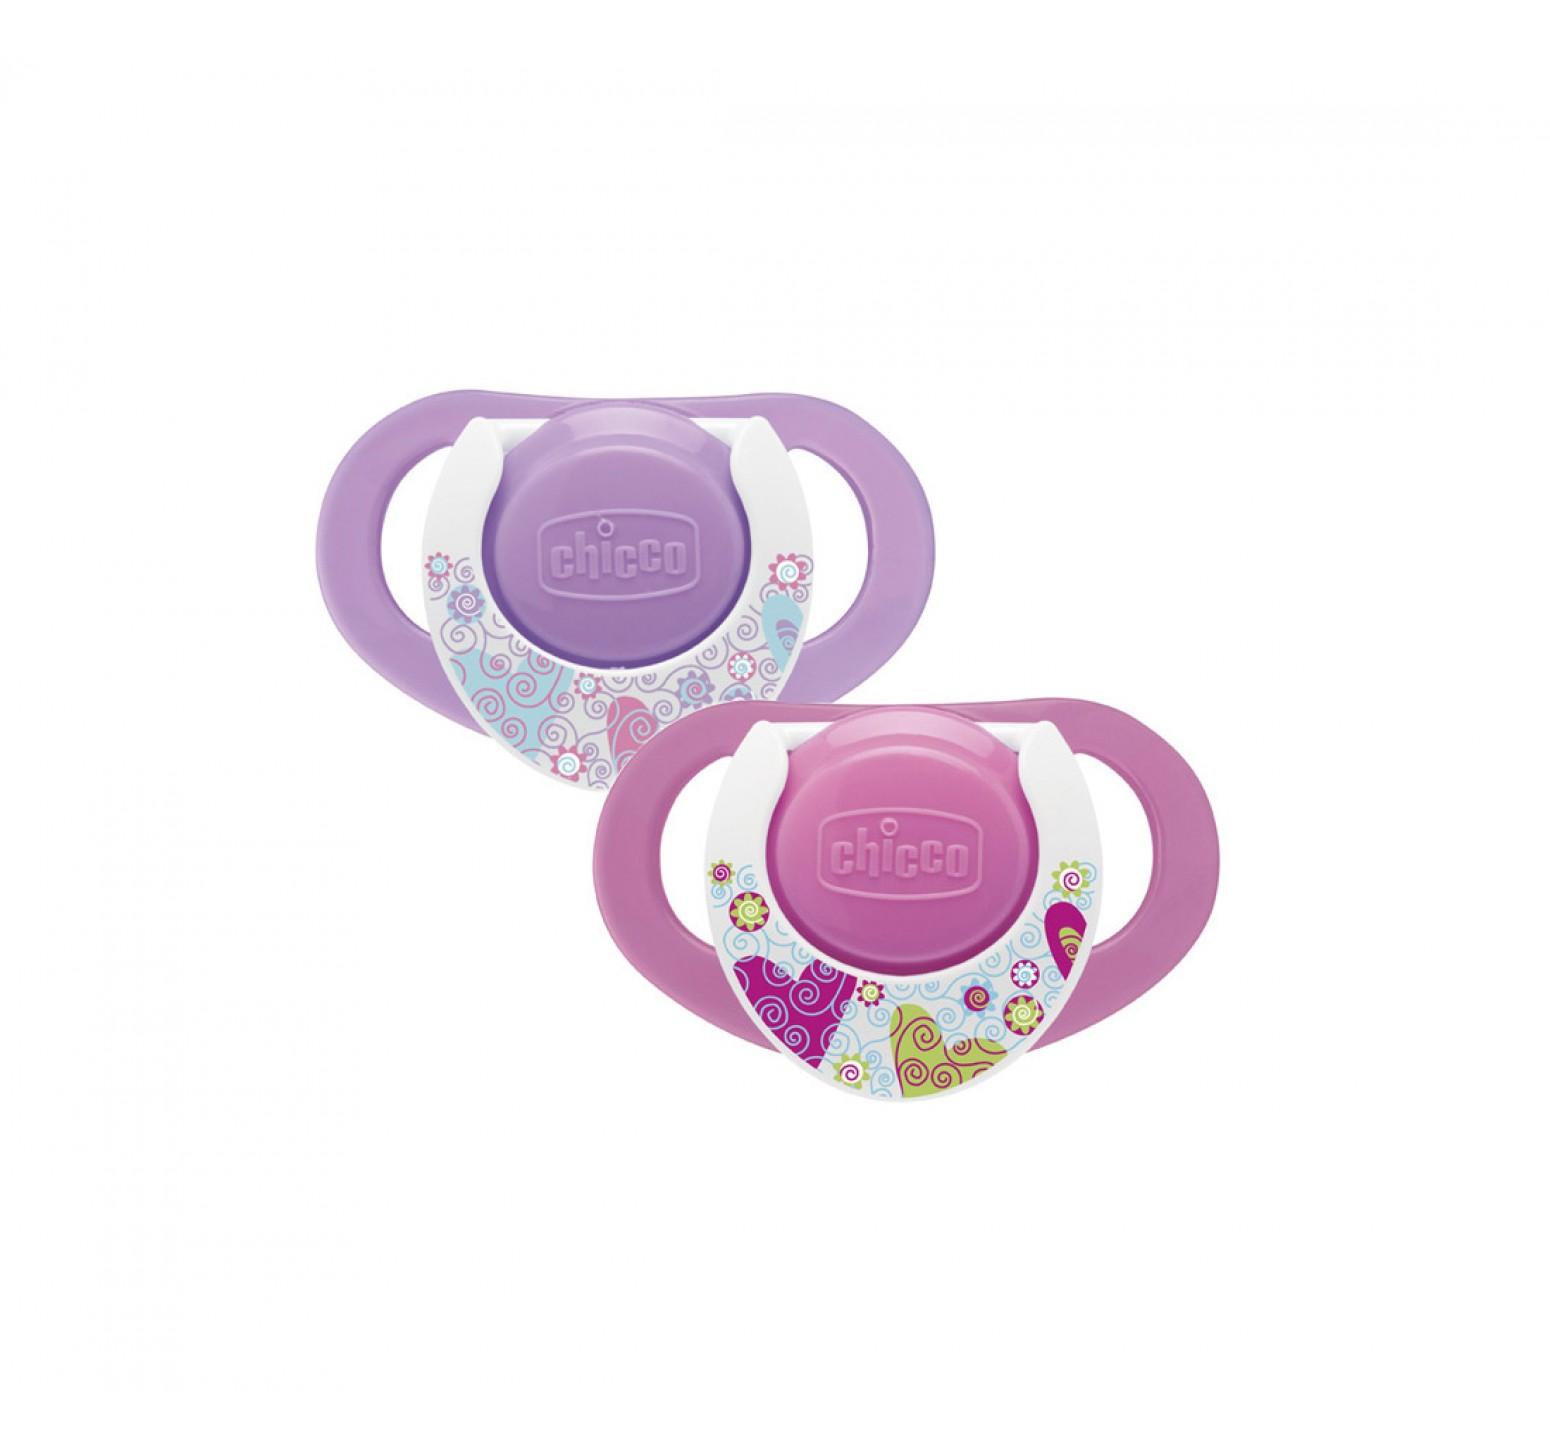 Chicco Chupete Physio Ring 12m+ (lila y fucsia con blanco)